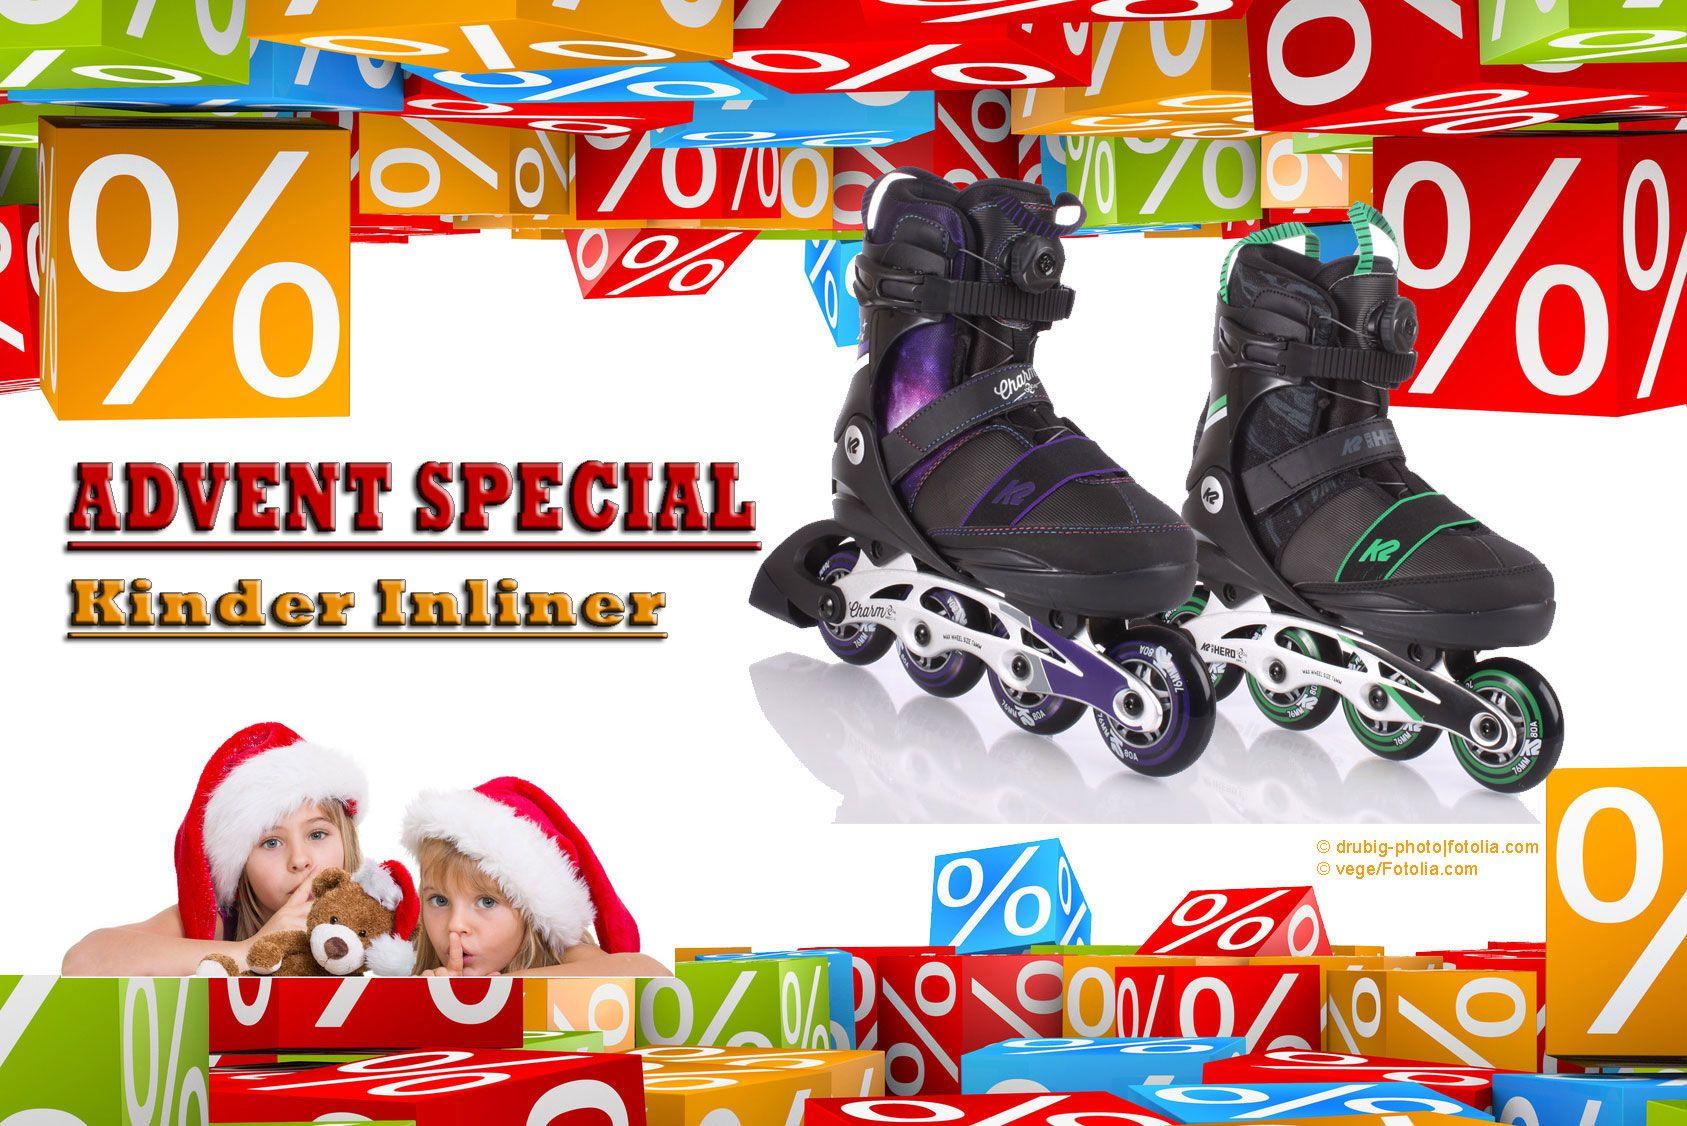 Kinder Inline Skates Advent Special Preise K2skates K2charmboaalu K2sk8heroboaalu K2inliner K2kinder Kinder Kinderinliner Inlin Inline Kinder Jungs